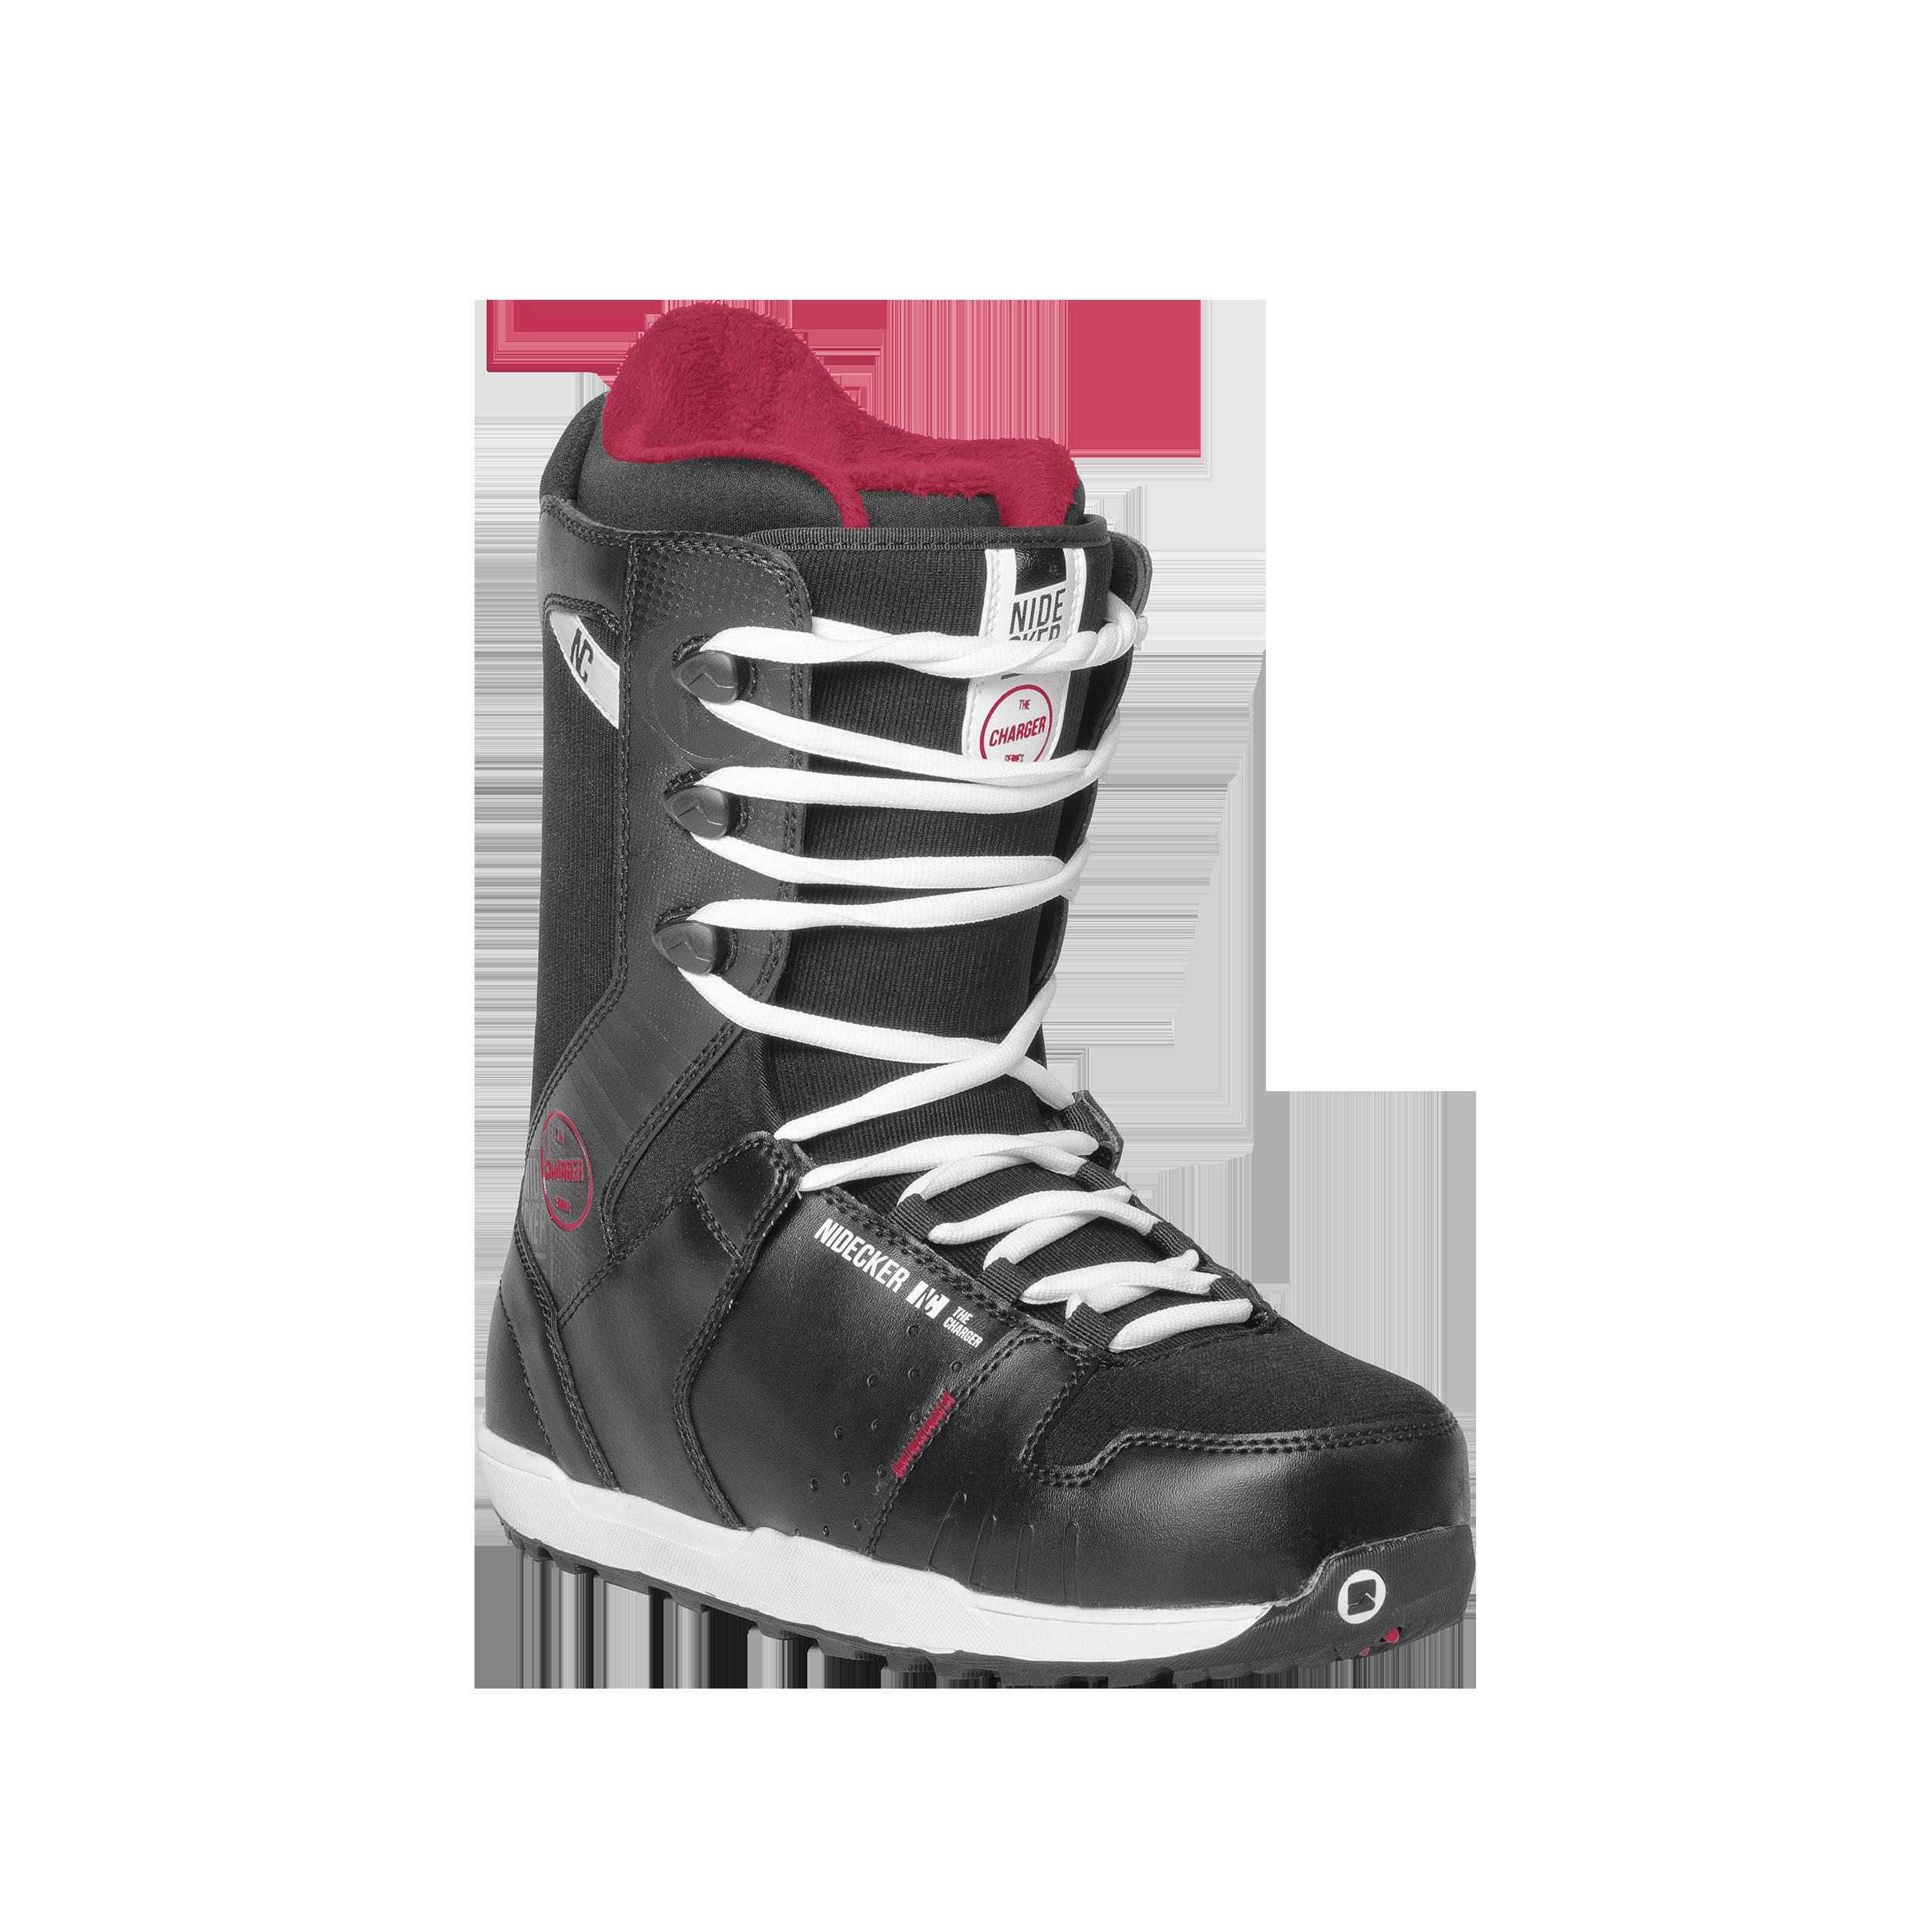 Ботинки для сноуборда NIDECKER 2015-16 CHARGER LACE